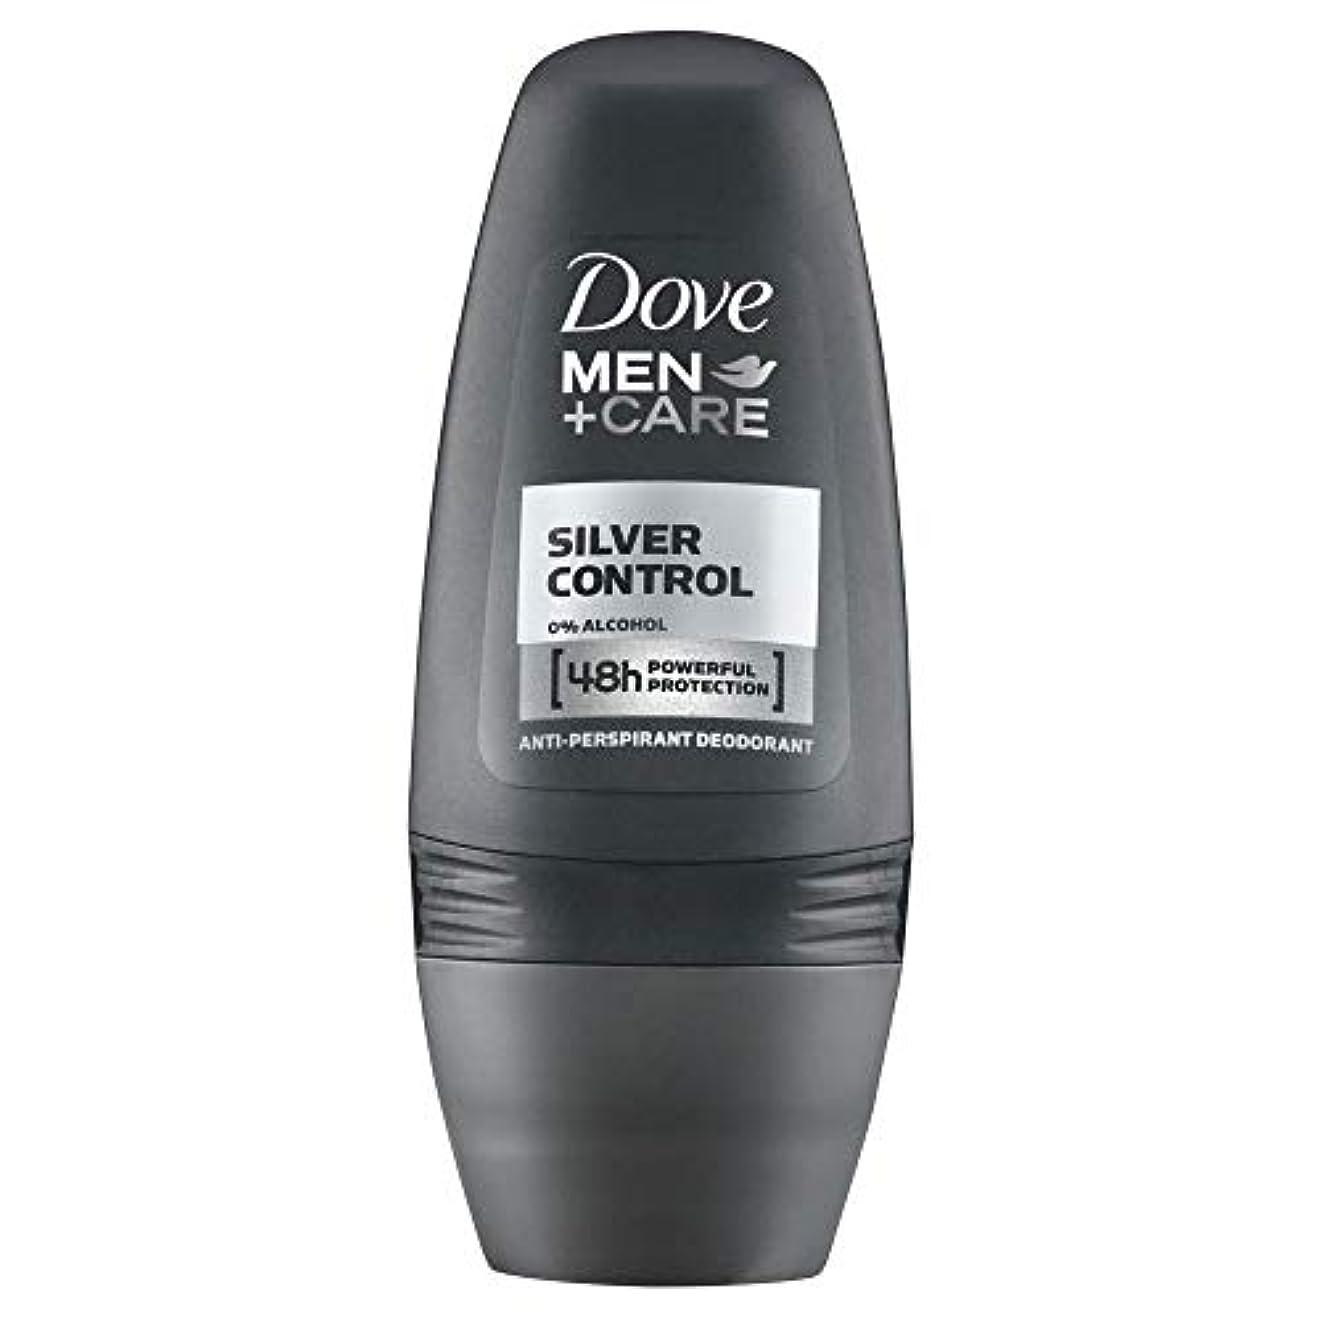 手術マサッチョ有害な[Dove ] 消臭にロール銀制御抗制汗ケア+鳩の男性(50ミリリットル) - Dove Men + Care Silver Control Anti Perspirant Roll-on Deodorant (50ml...